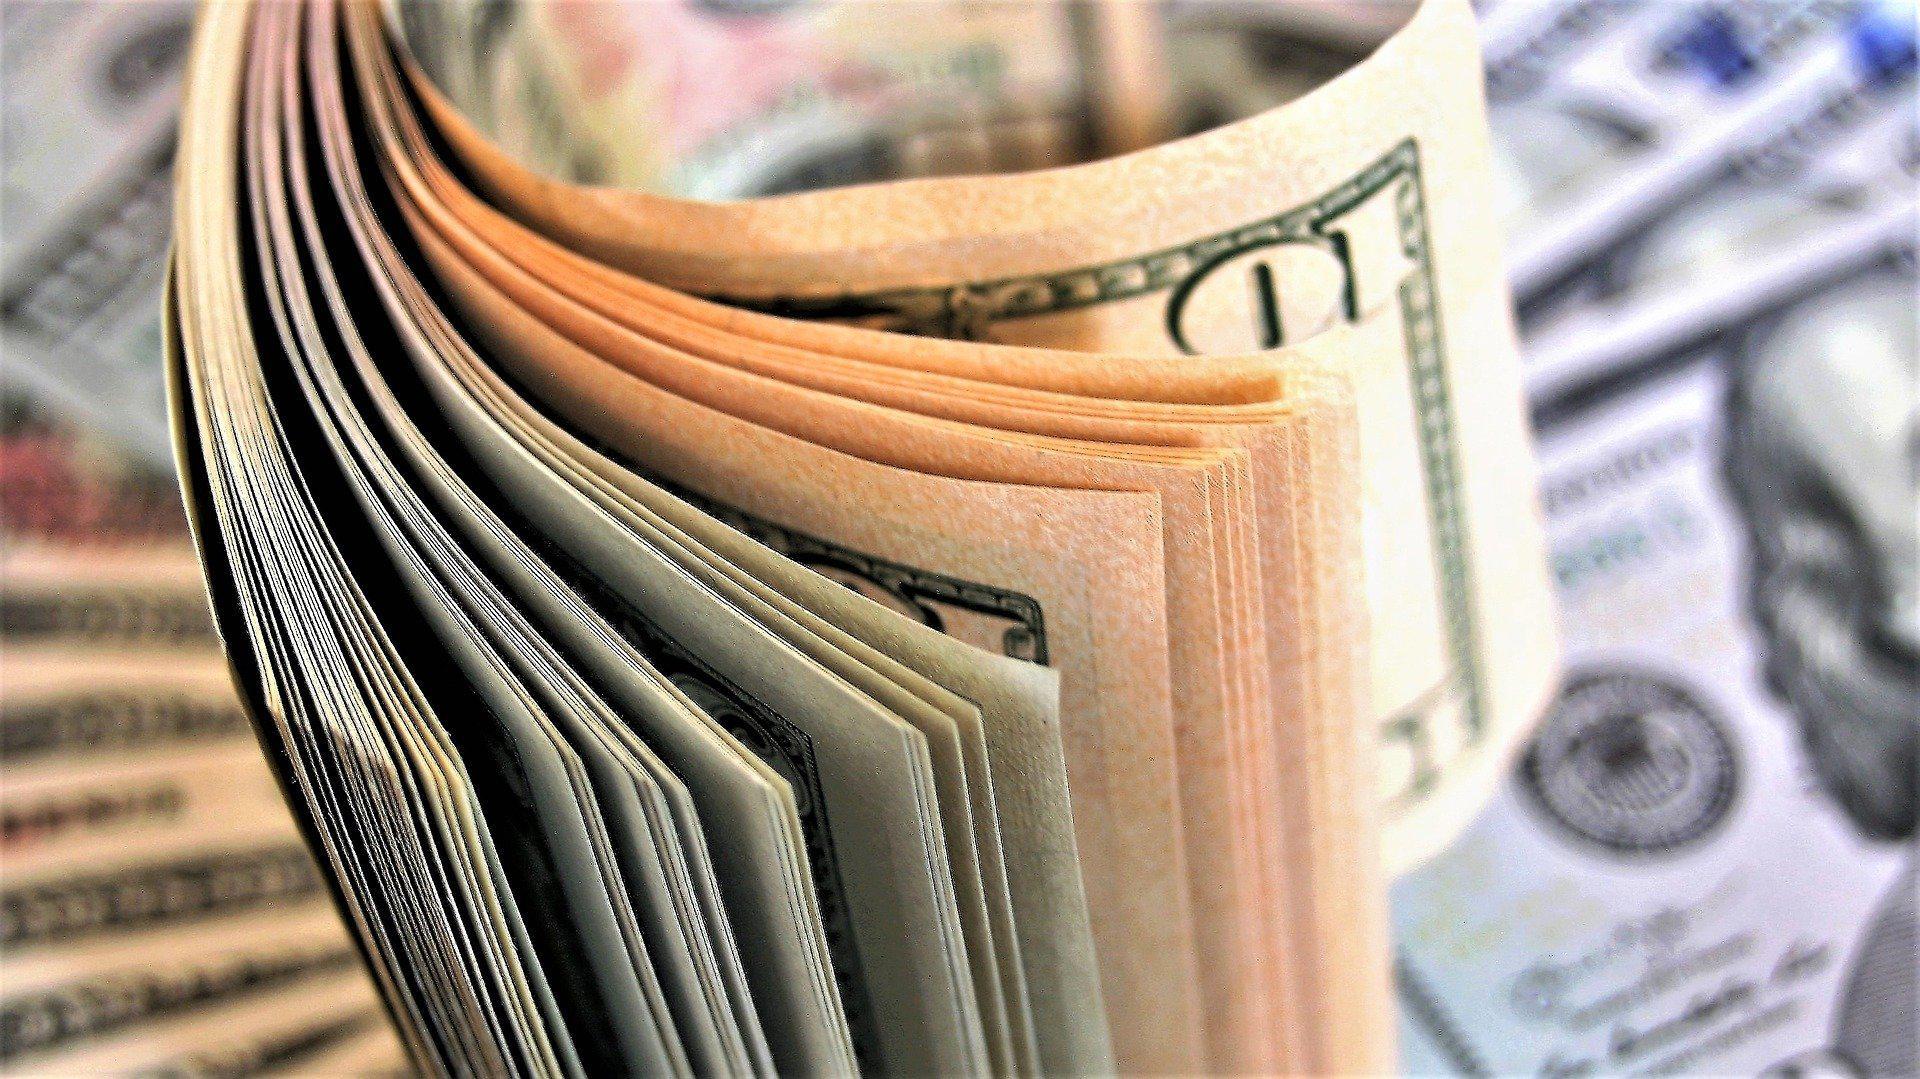 Определен порядок контроля за валютными операциями резидентов и нерезидентов, не являющихся кредитными организациями или валютными биржами